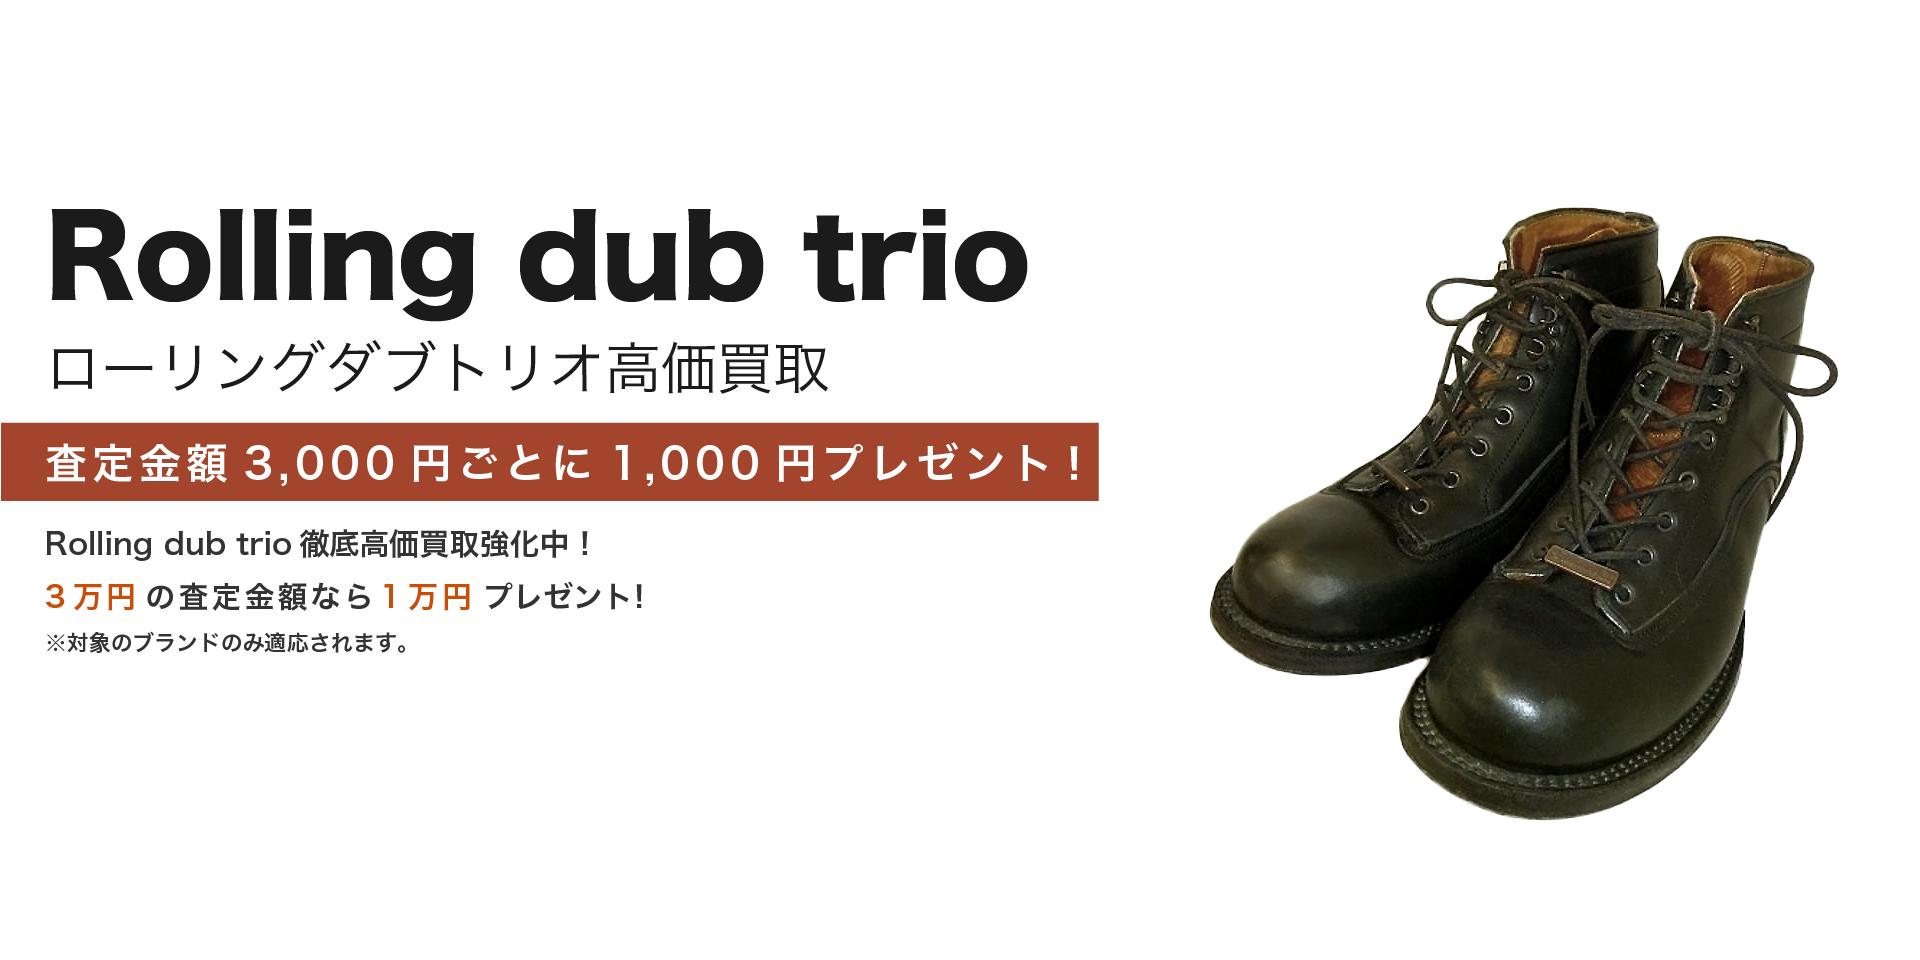 Rolling dub trioのキービジュアル